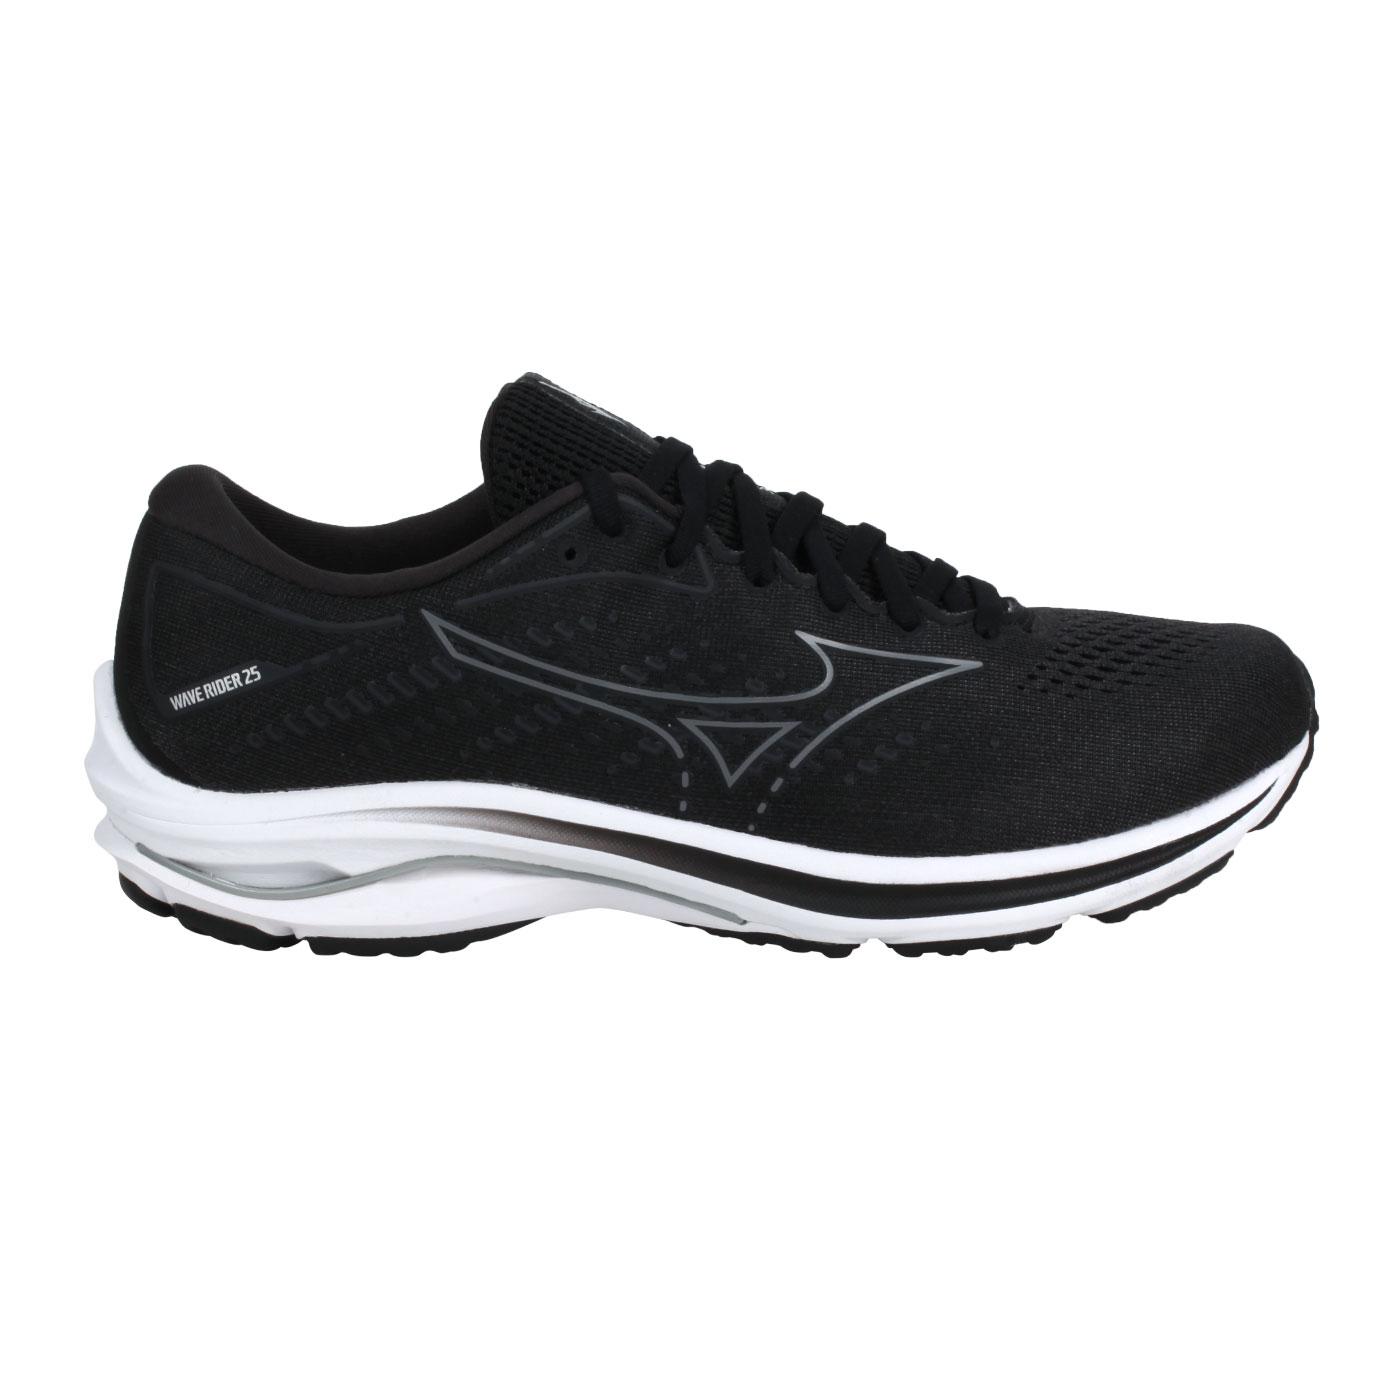 MIZUNO 特定-男款慢跑鞋-2E  @WAVE RIDER 25 SW@J1GC210434 - 黑灰